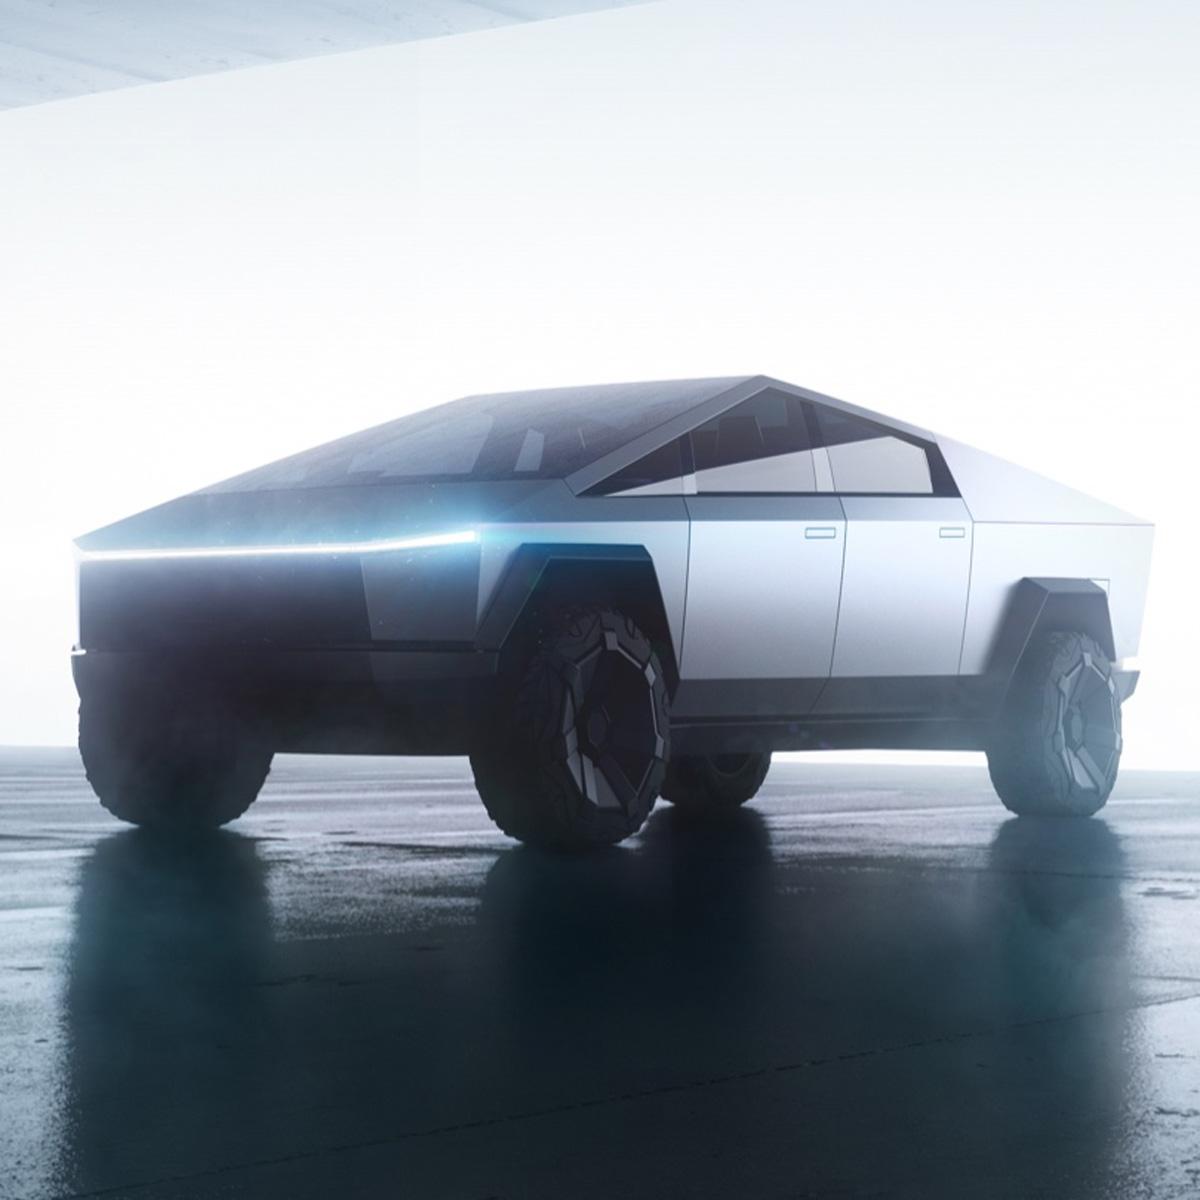 テスラの「サイバートラック」が注文20万台オーバー。生産開始は2021年